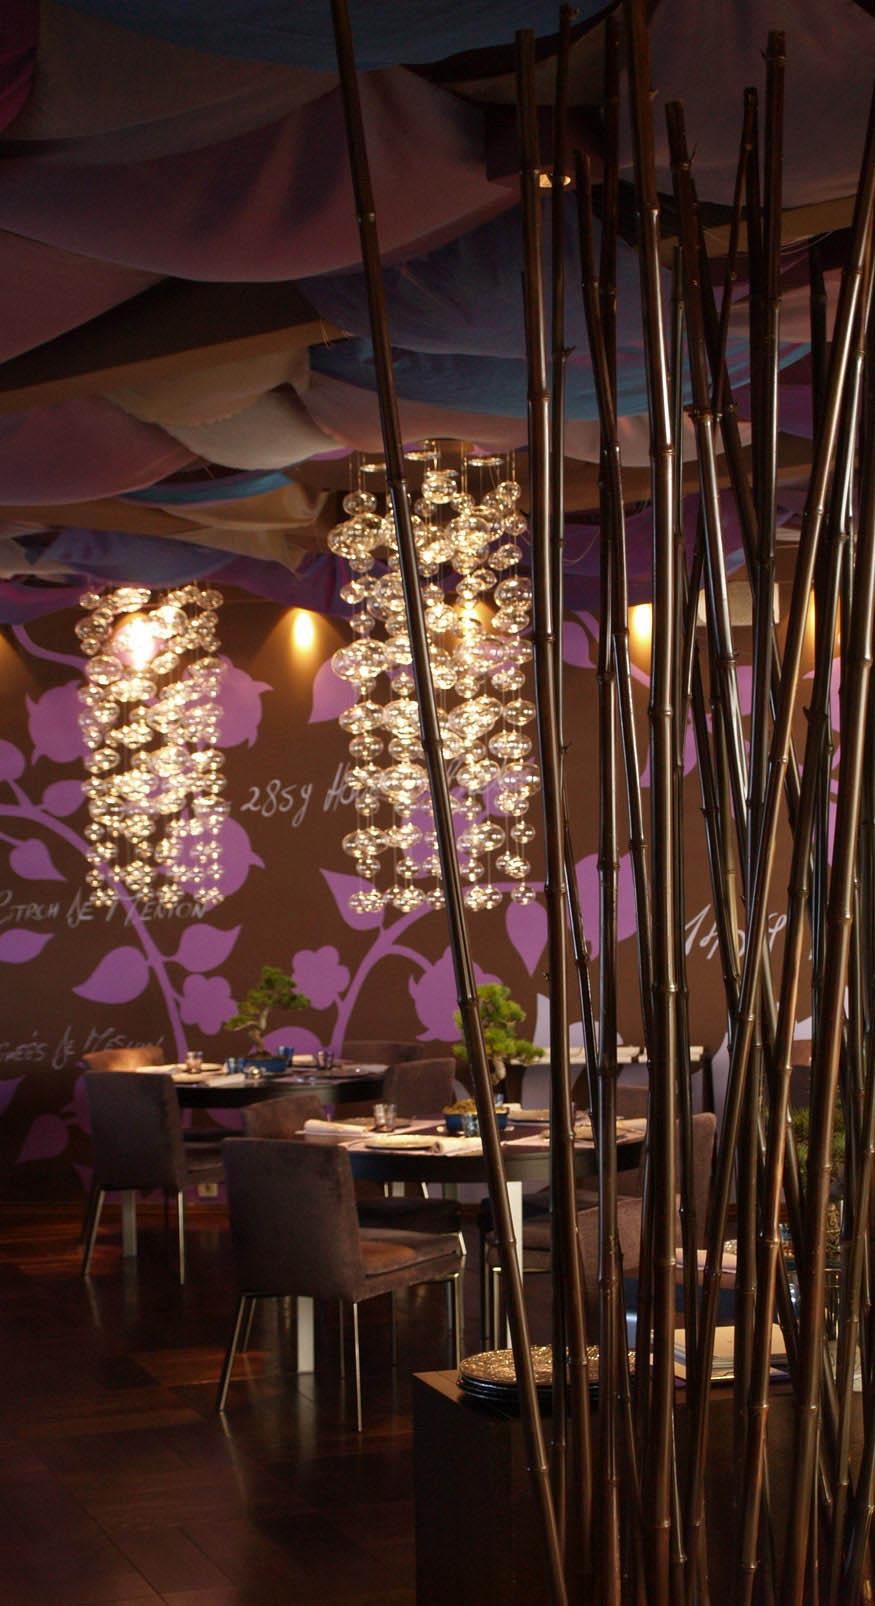 Du Gil's Luonge Bar